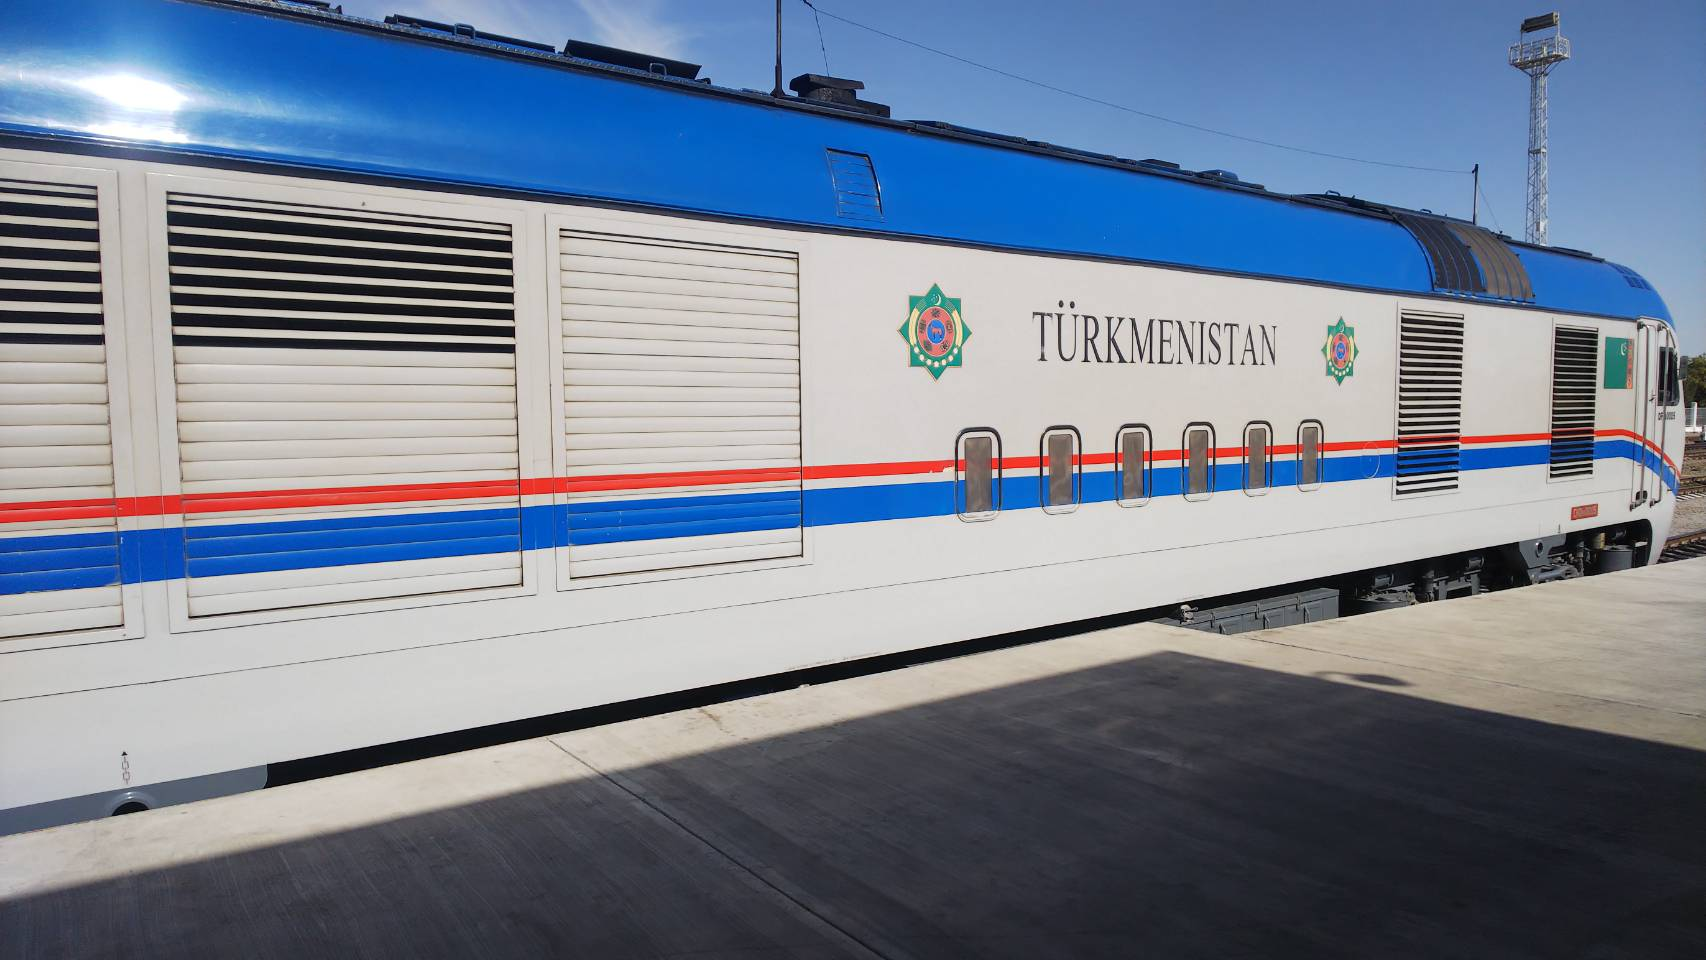 アシガバートからトルクメンバシへ電車での行き方の徹底解説!